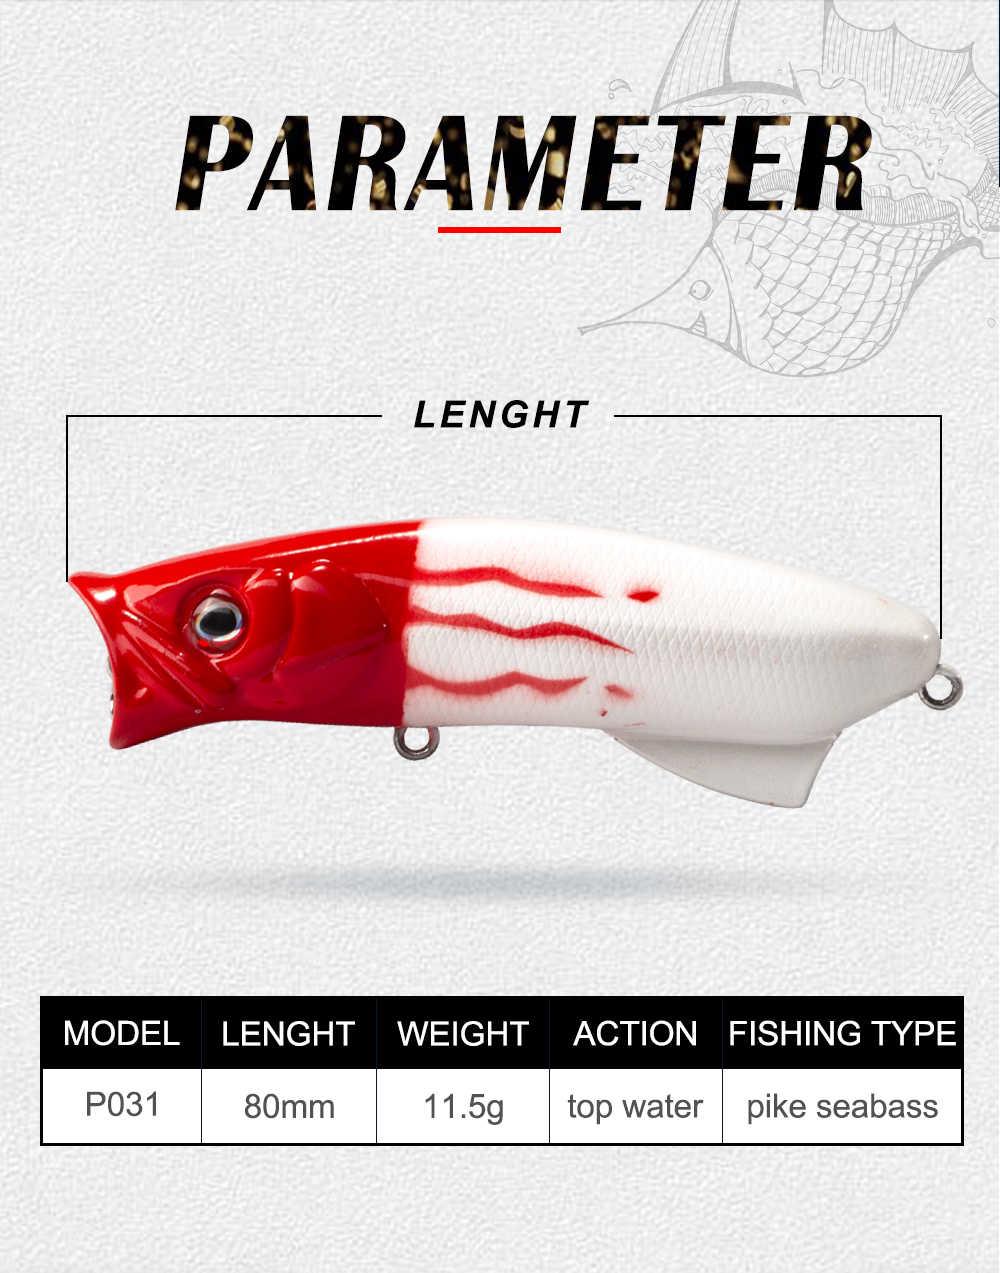 Leurre de pêche 2019 popper leurre Dur leurres d'eau Popper leurre p che 8 cm/11.5g pike bar wobbler isca artificielle P031 peche